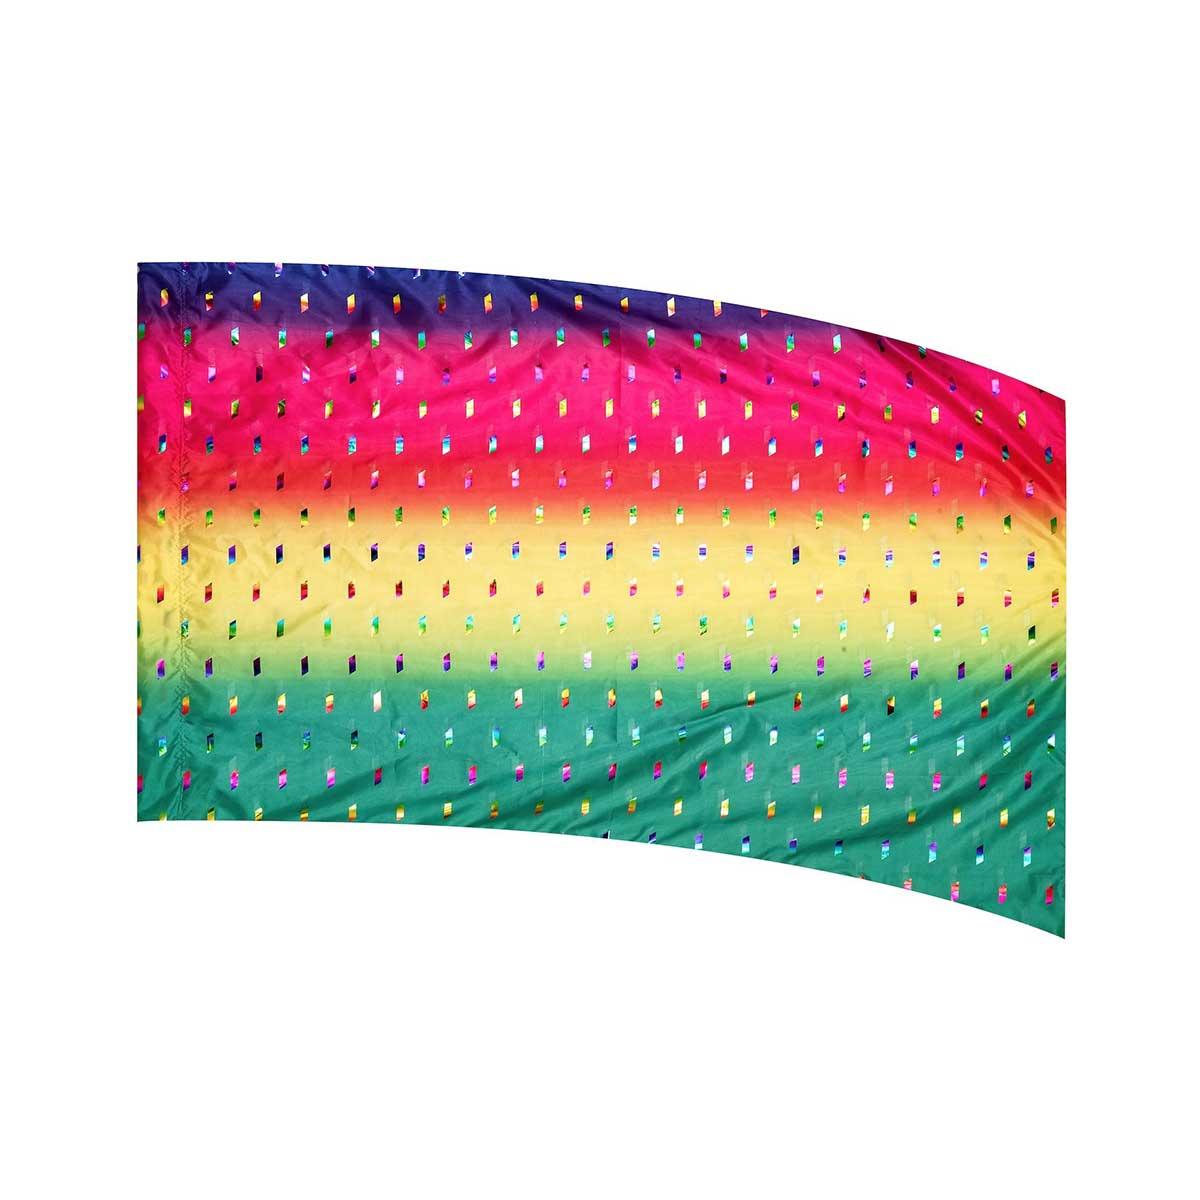 In-Stock Genesis Flags: 1004